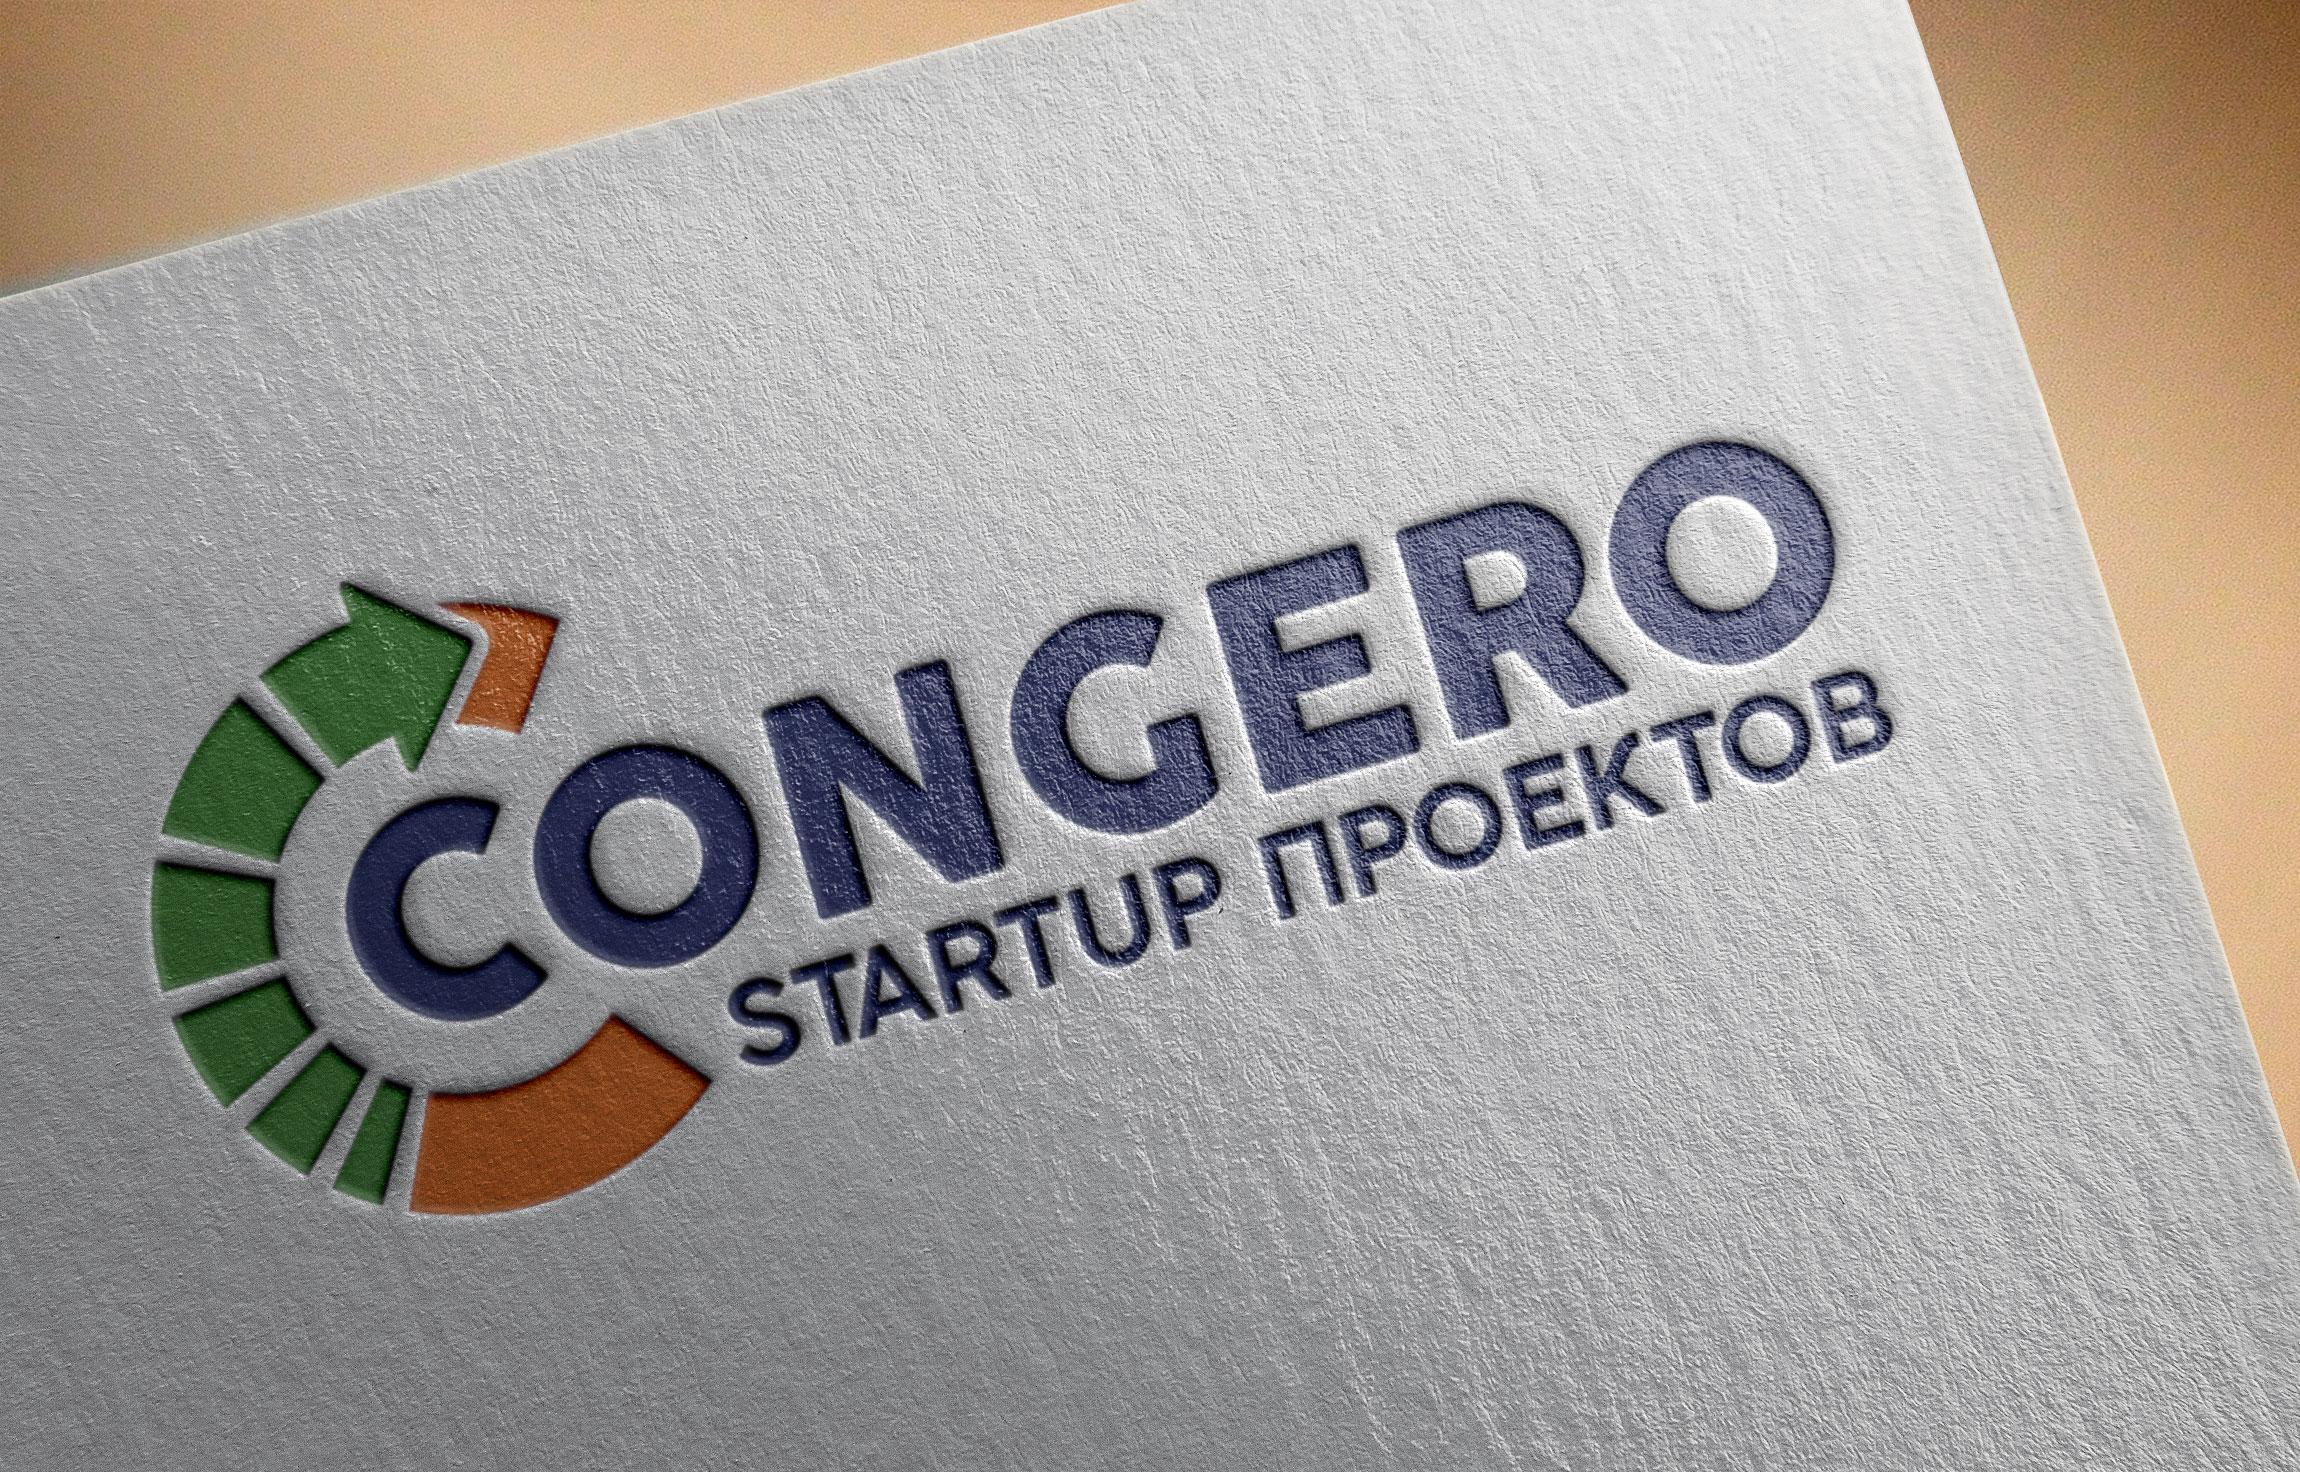 Разработка логотипа и логотипа вместе с названием фото f_8045a3f7db322272.jpg